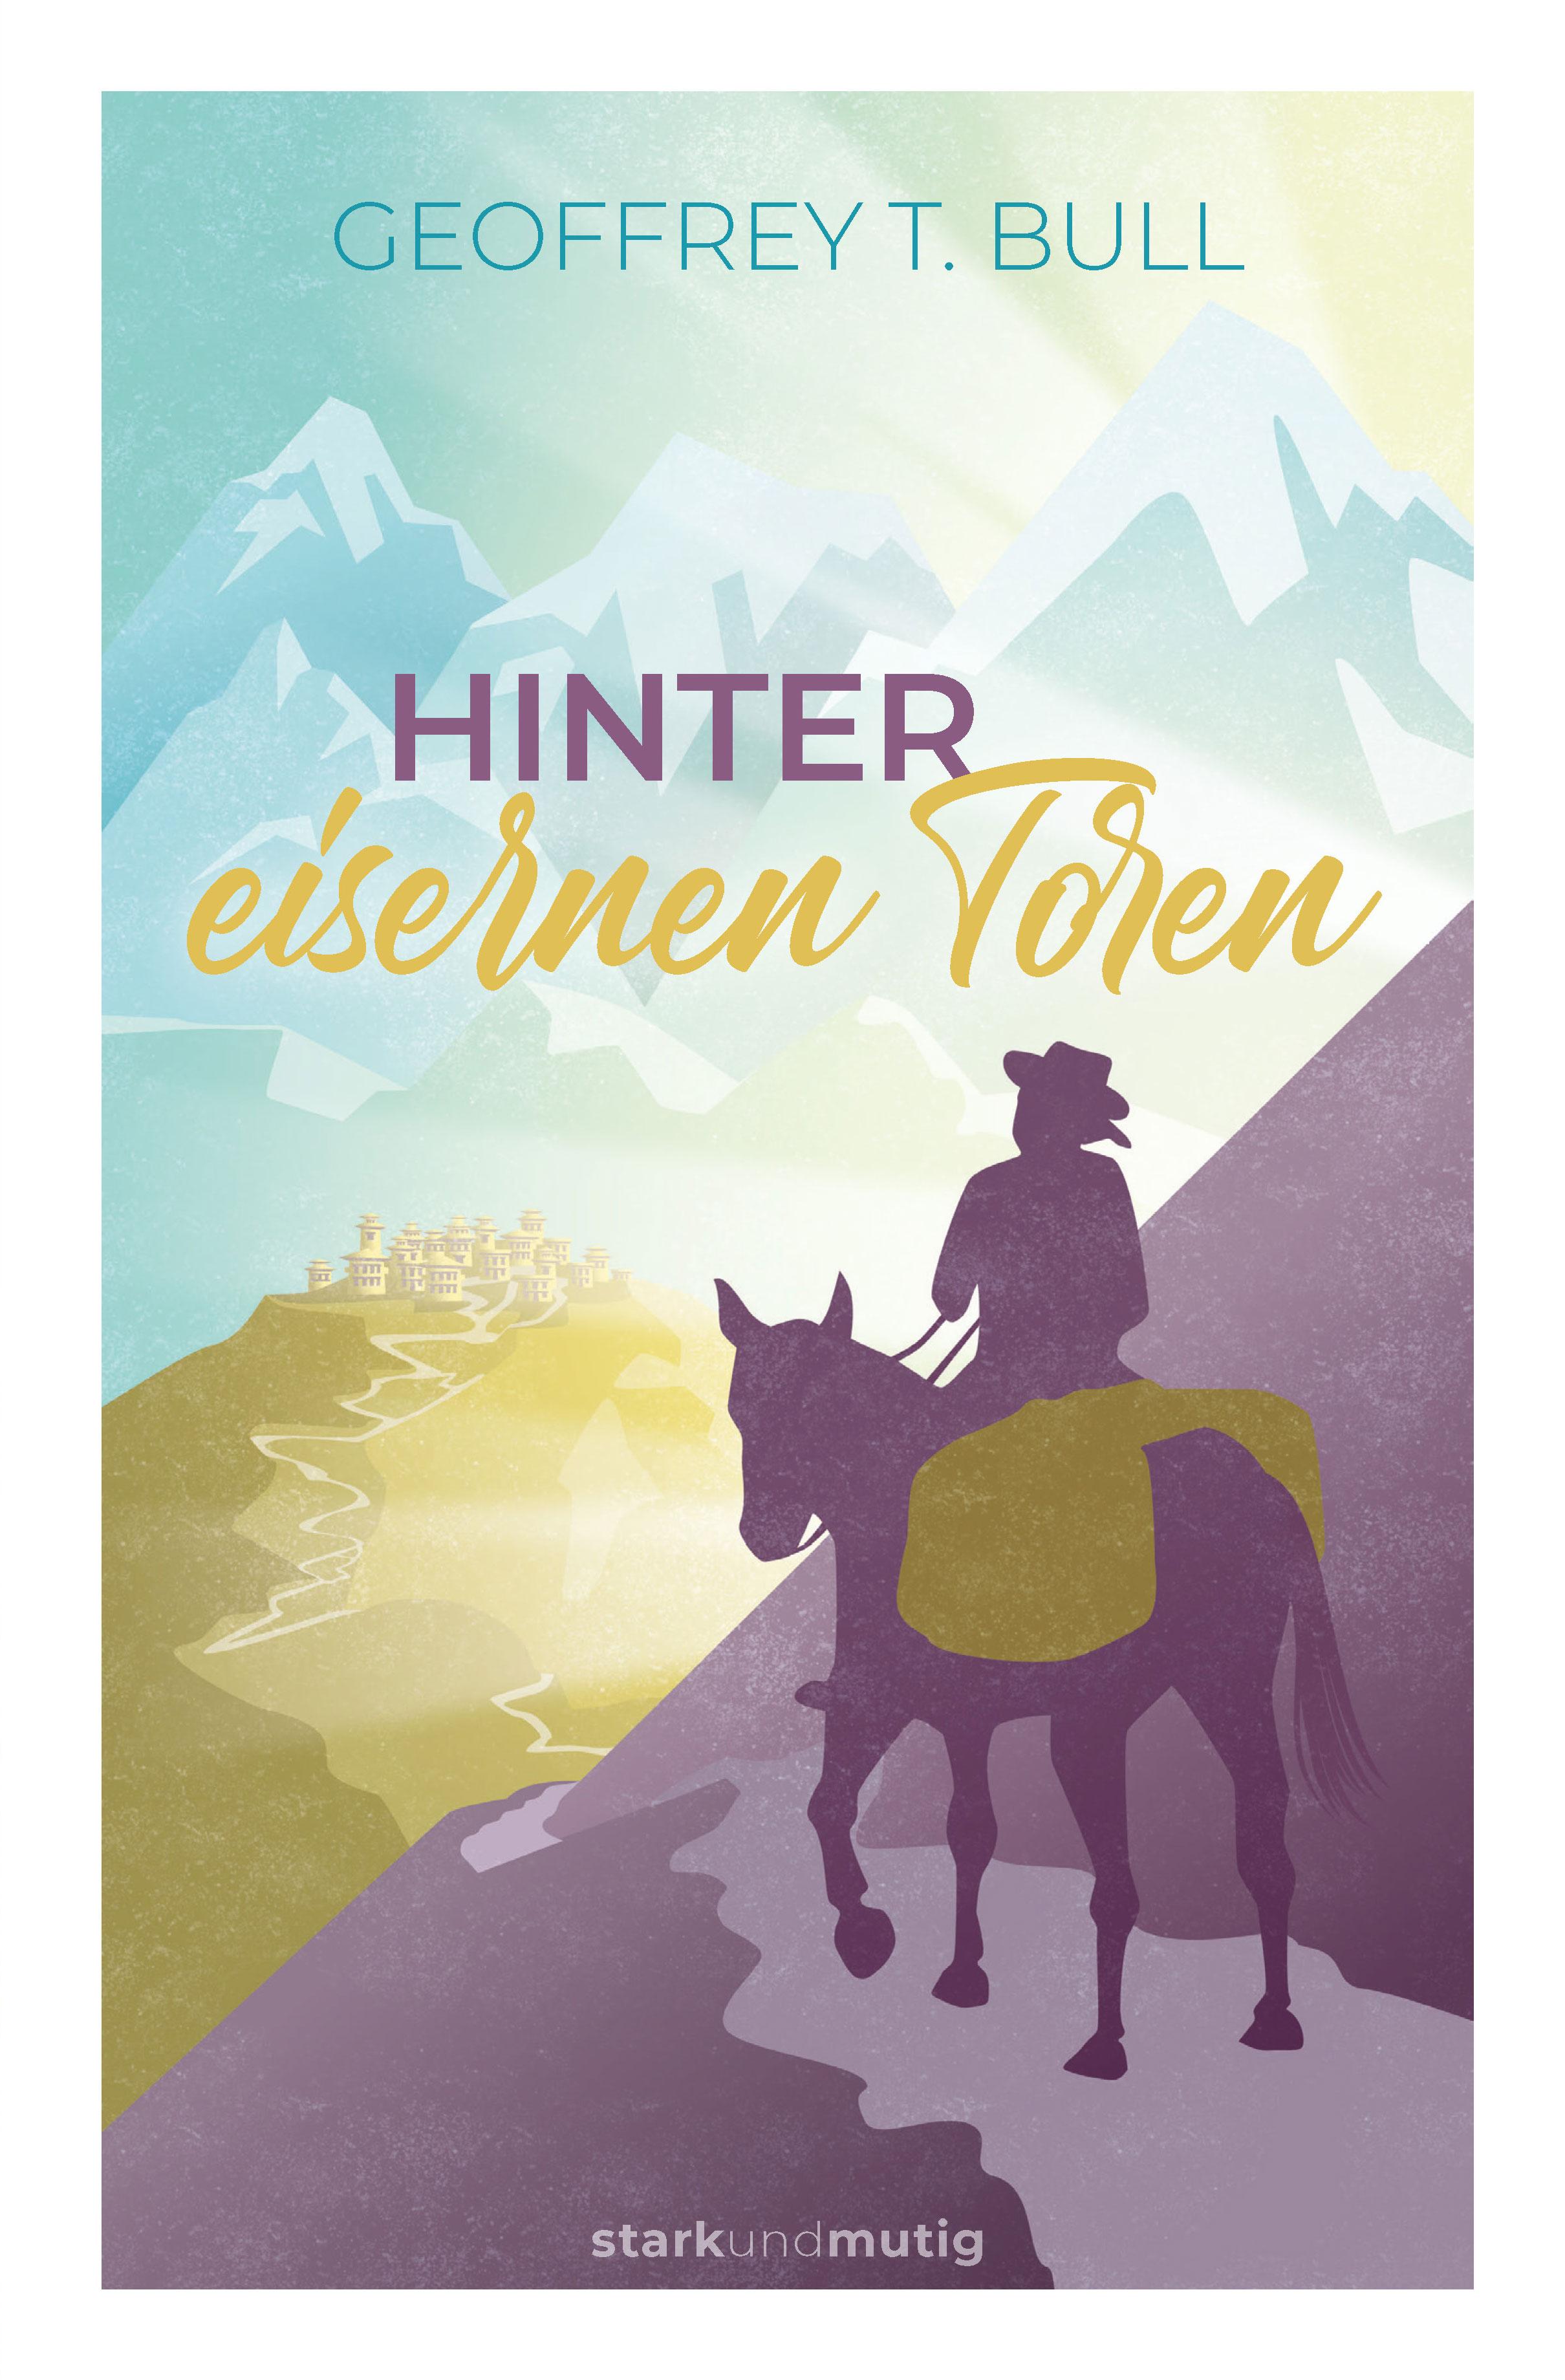 clv_hinter-eisernen-toren_geoffrey-t-bull_256632_03